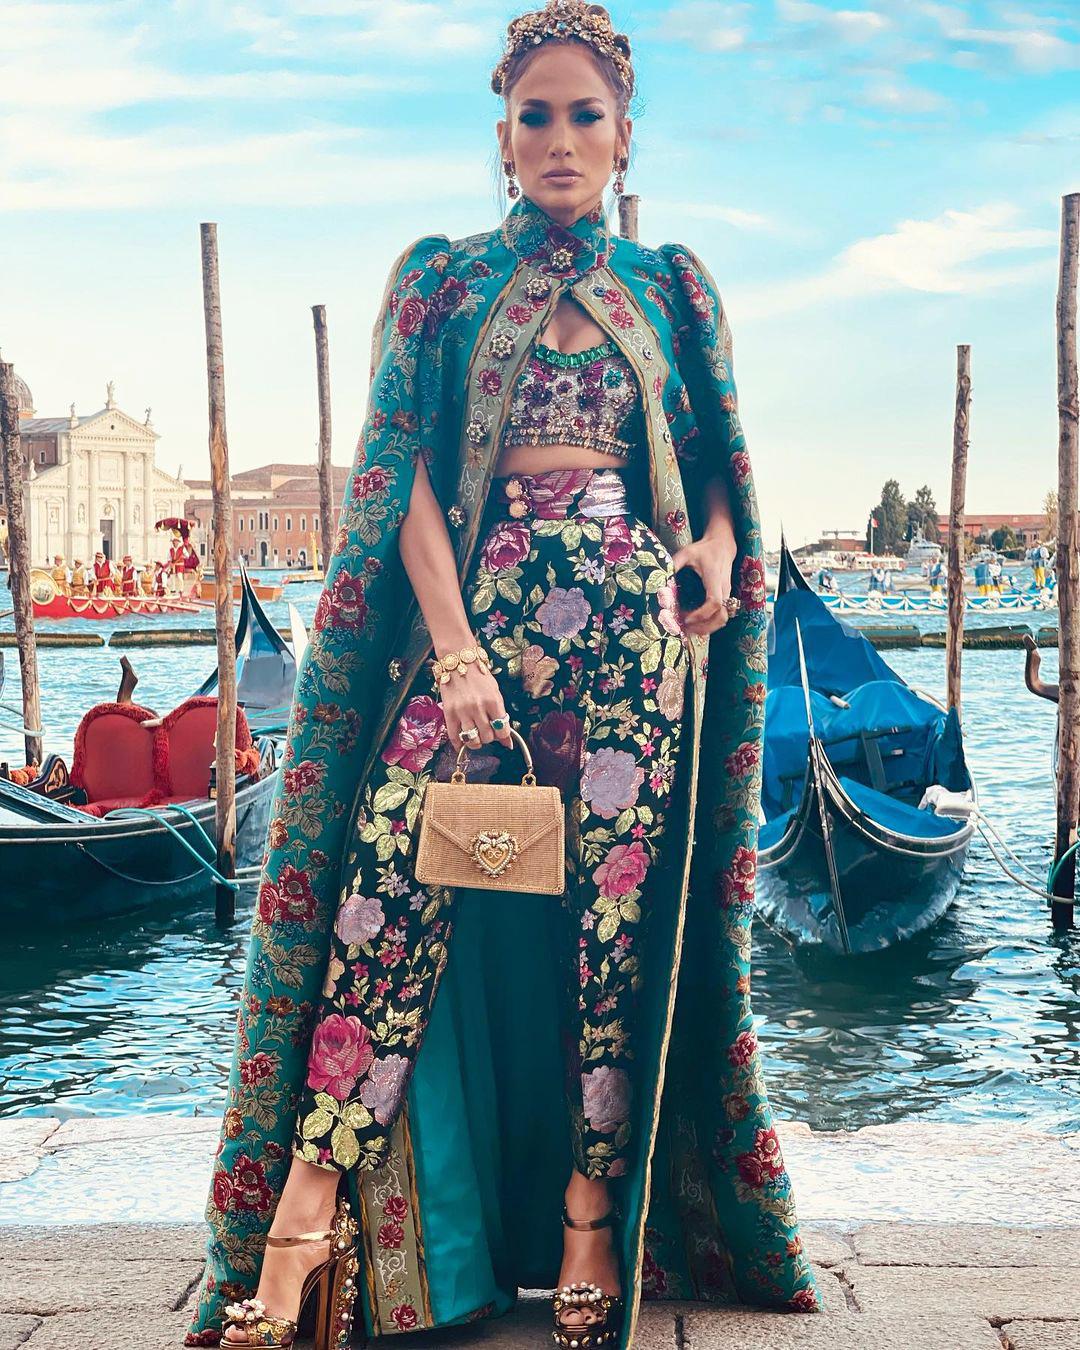 Дженнифер Лопес посетила шоуDolce&Gabbanaв Венеции в королевском наряде-Фото 1